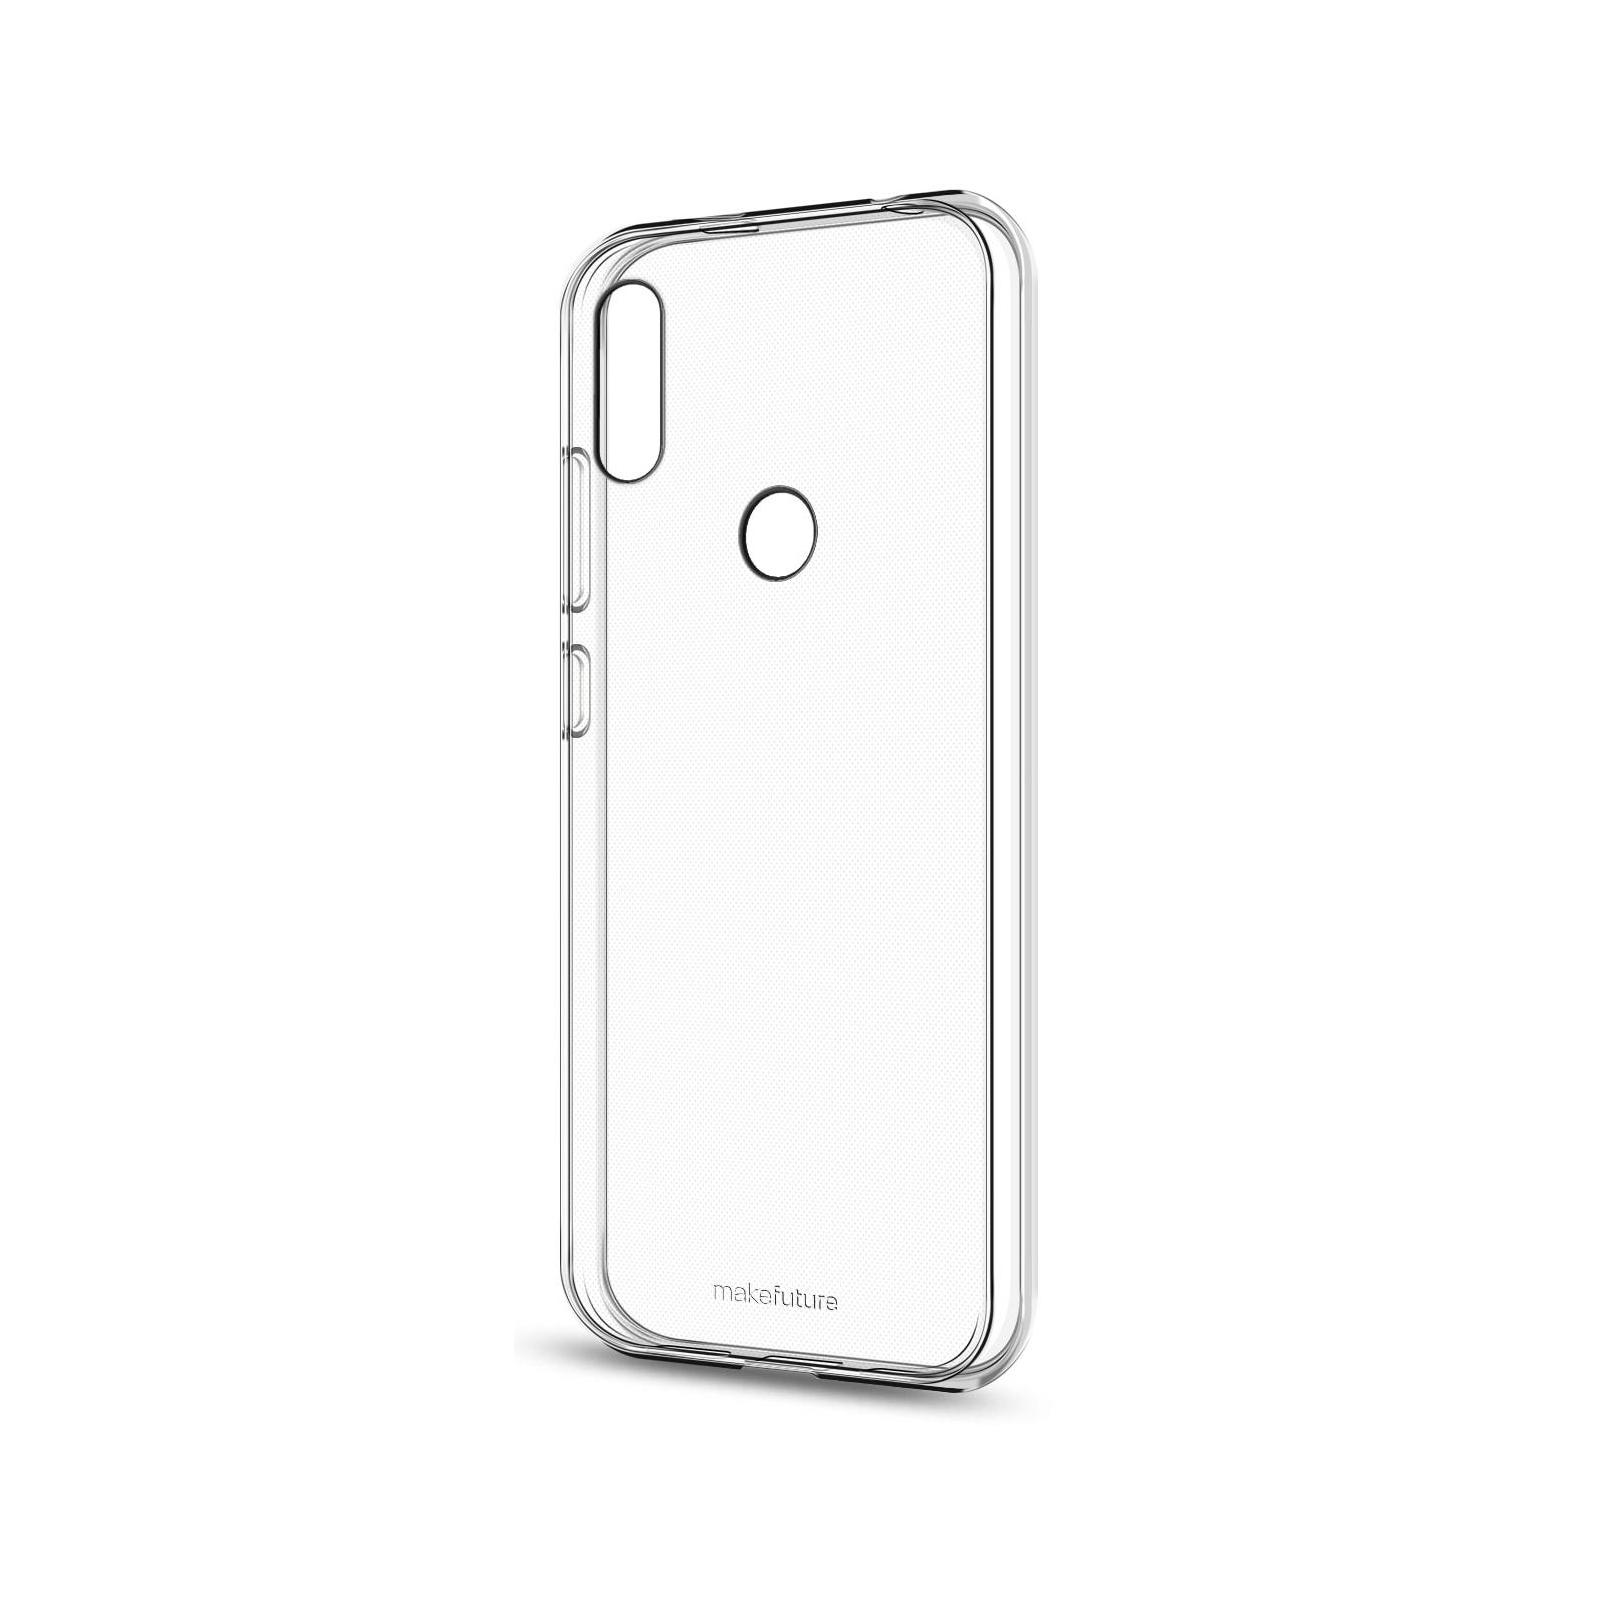 Чехол для моб. телефона MakeFuture Air Case (Clear TPU) Xiaomi Redmi S2 (MCA-XRS2)